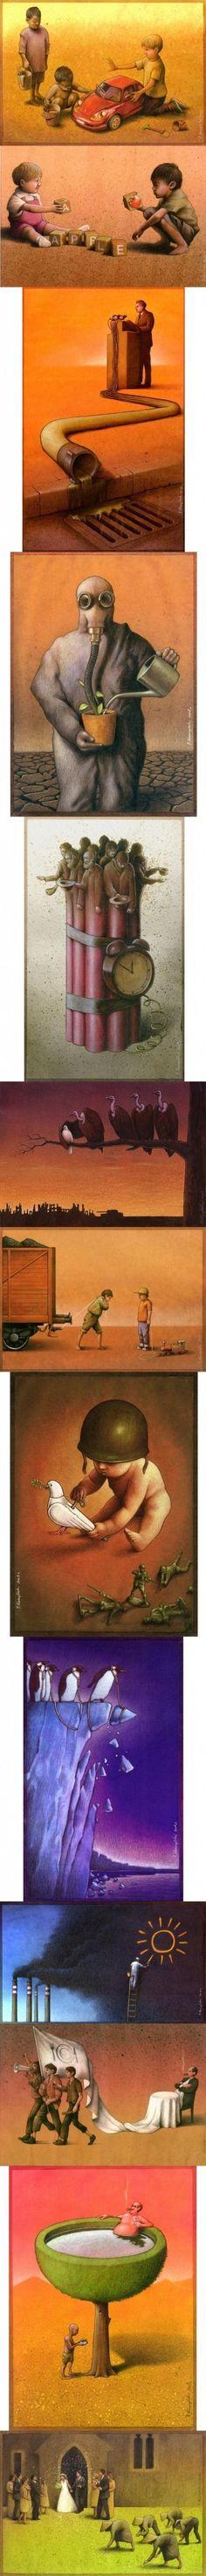 Se Konst att tänka rolig bild